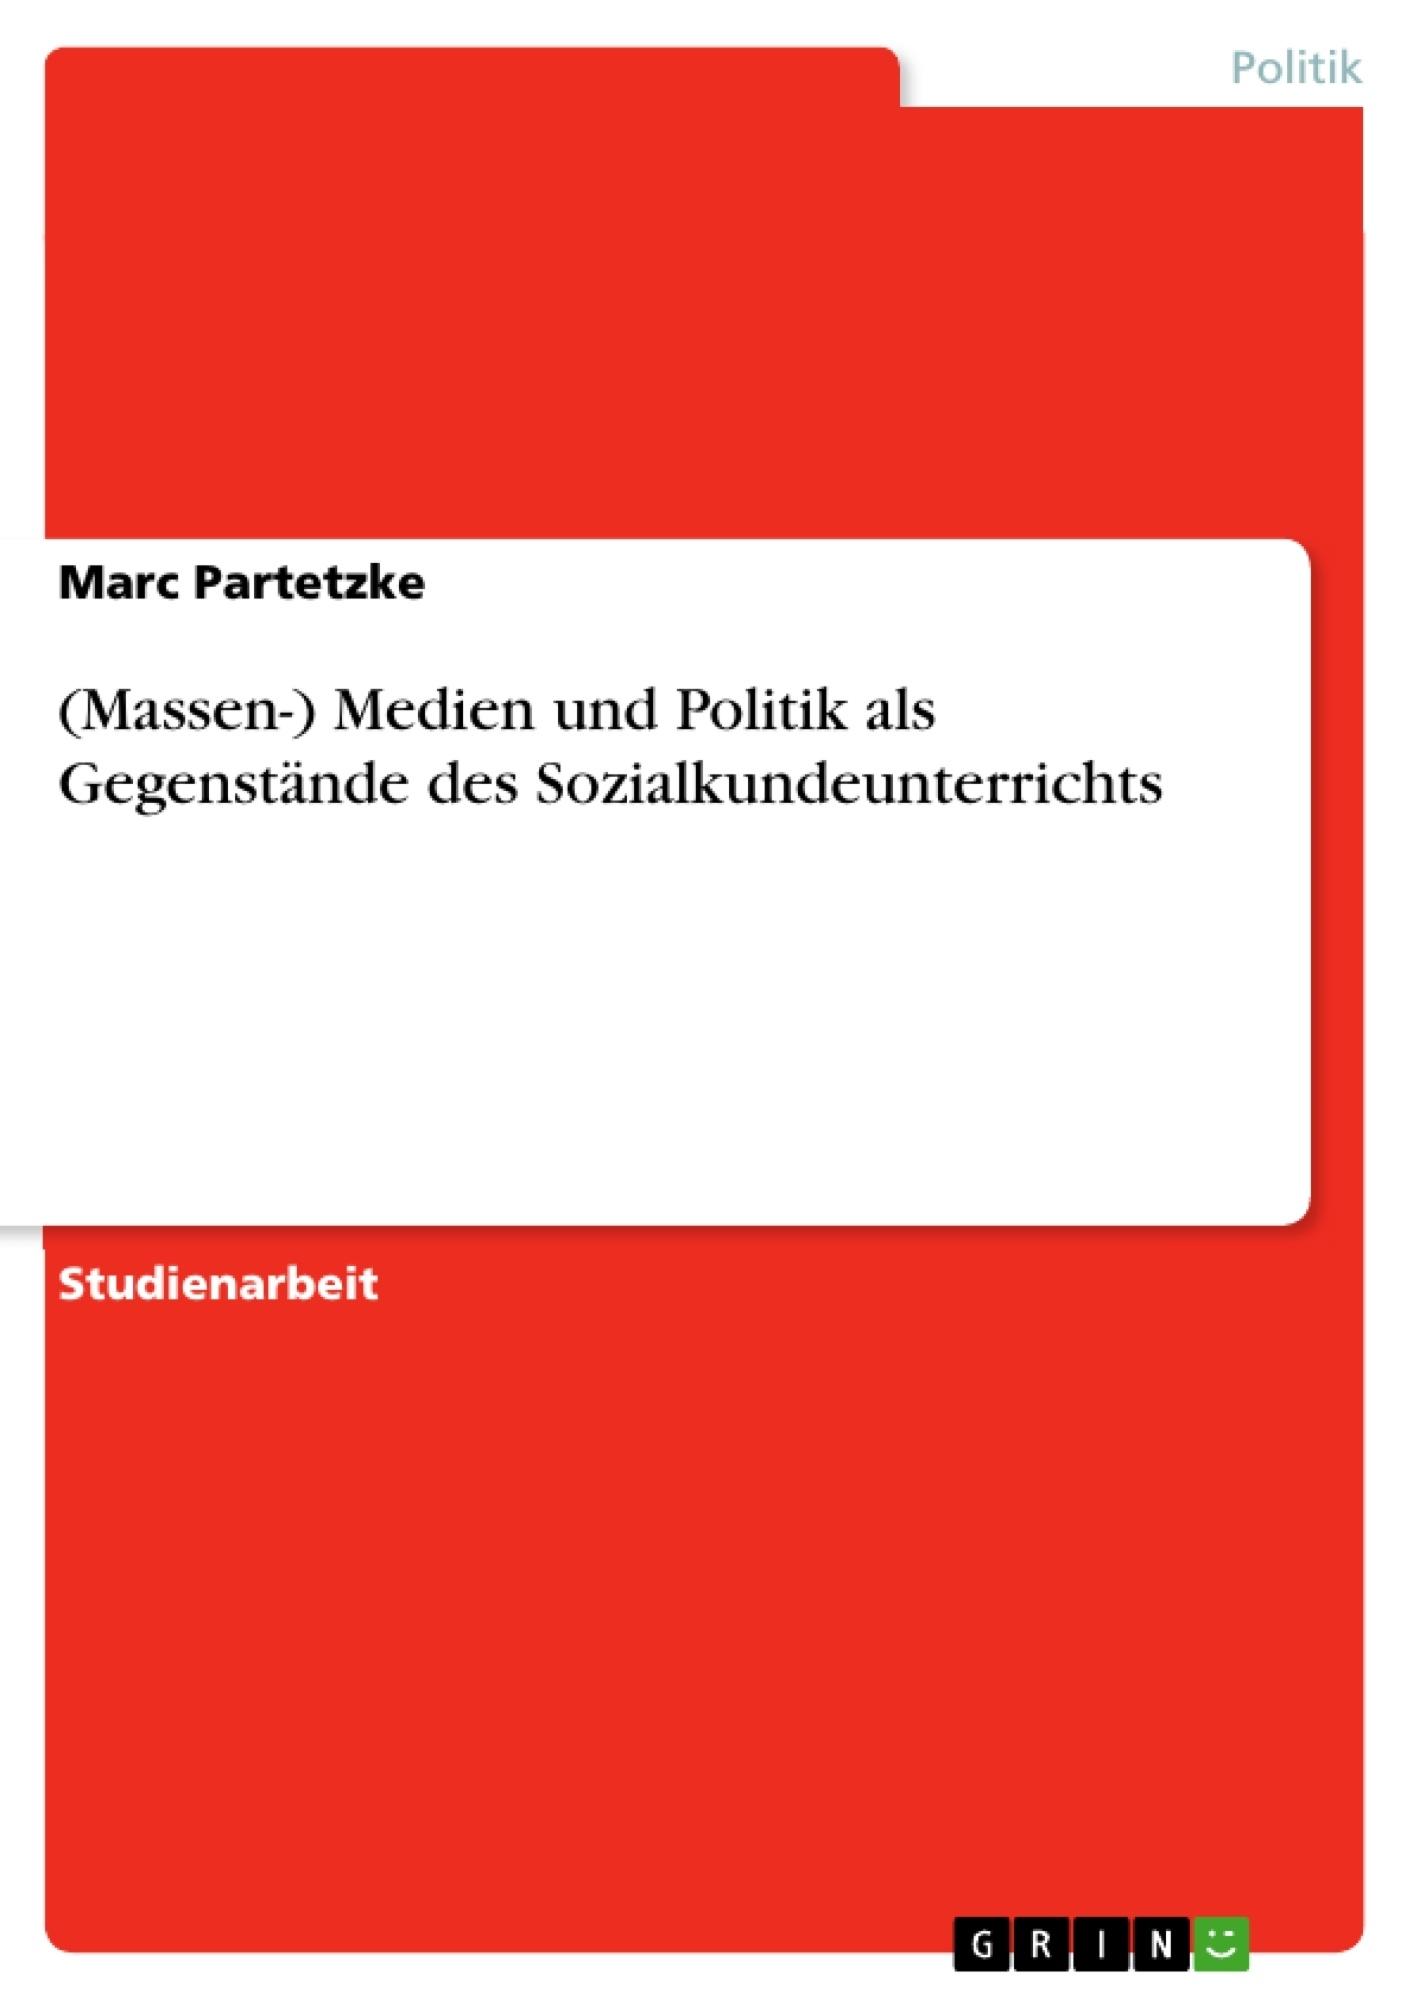 Titel: (Massen-) Medien und Politik als Gegenstände des Sozialkundeunterrichts